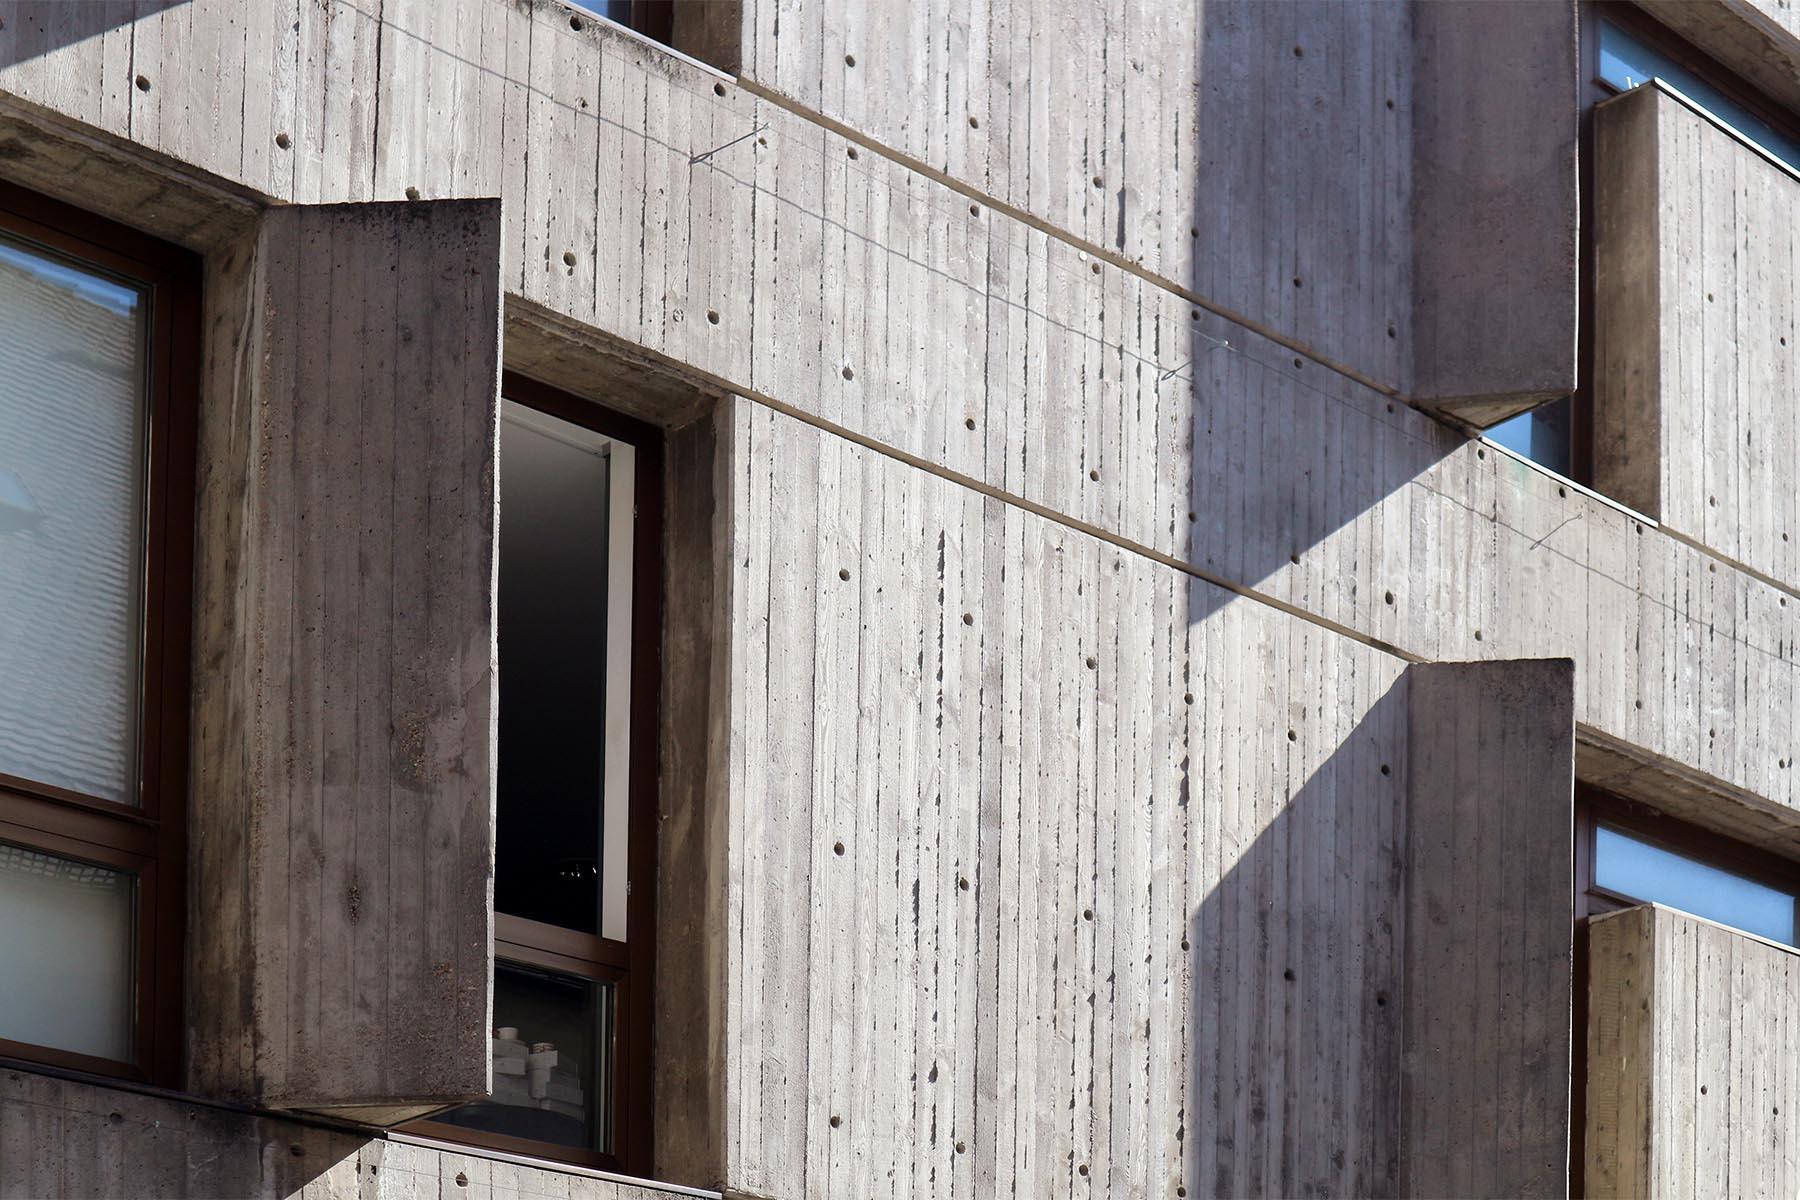 Kontext.  Architektur im Zusammenhang mit der jeweiligen Zeit verstehen. Entworfen vom Architekten Karl Schmid.